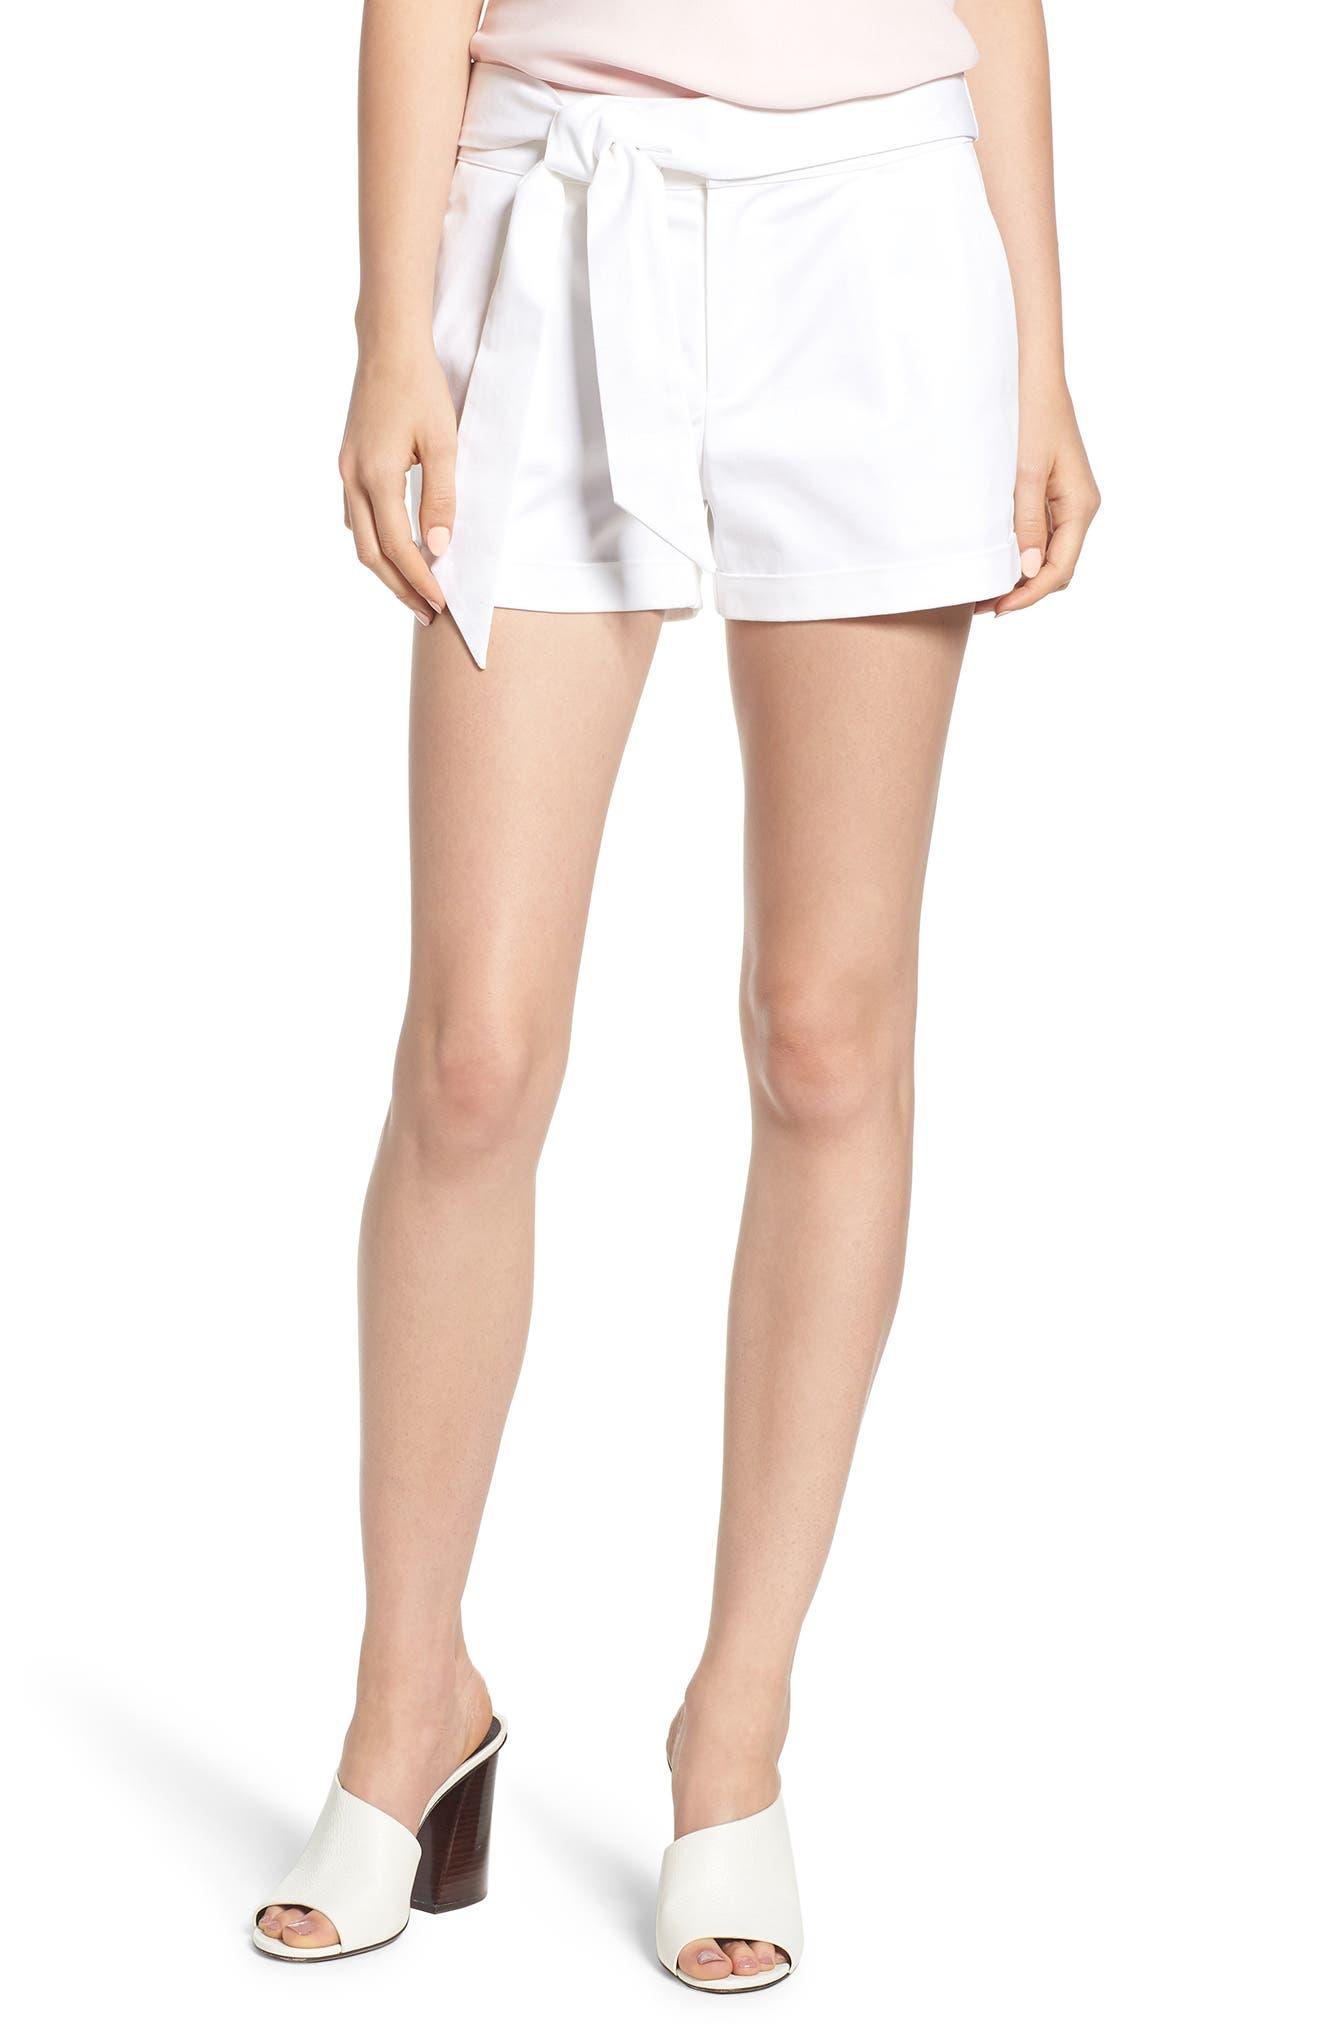 Yelinda Shorts,                             Main thumbnail 1, color,                             100